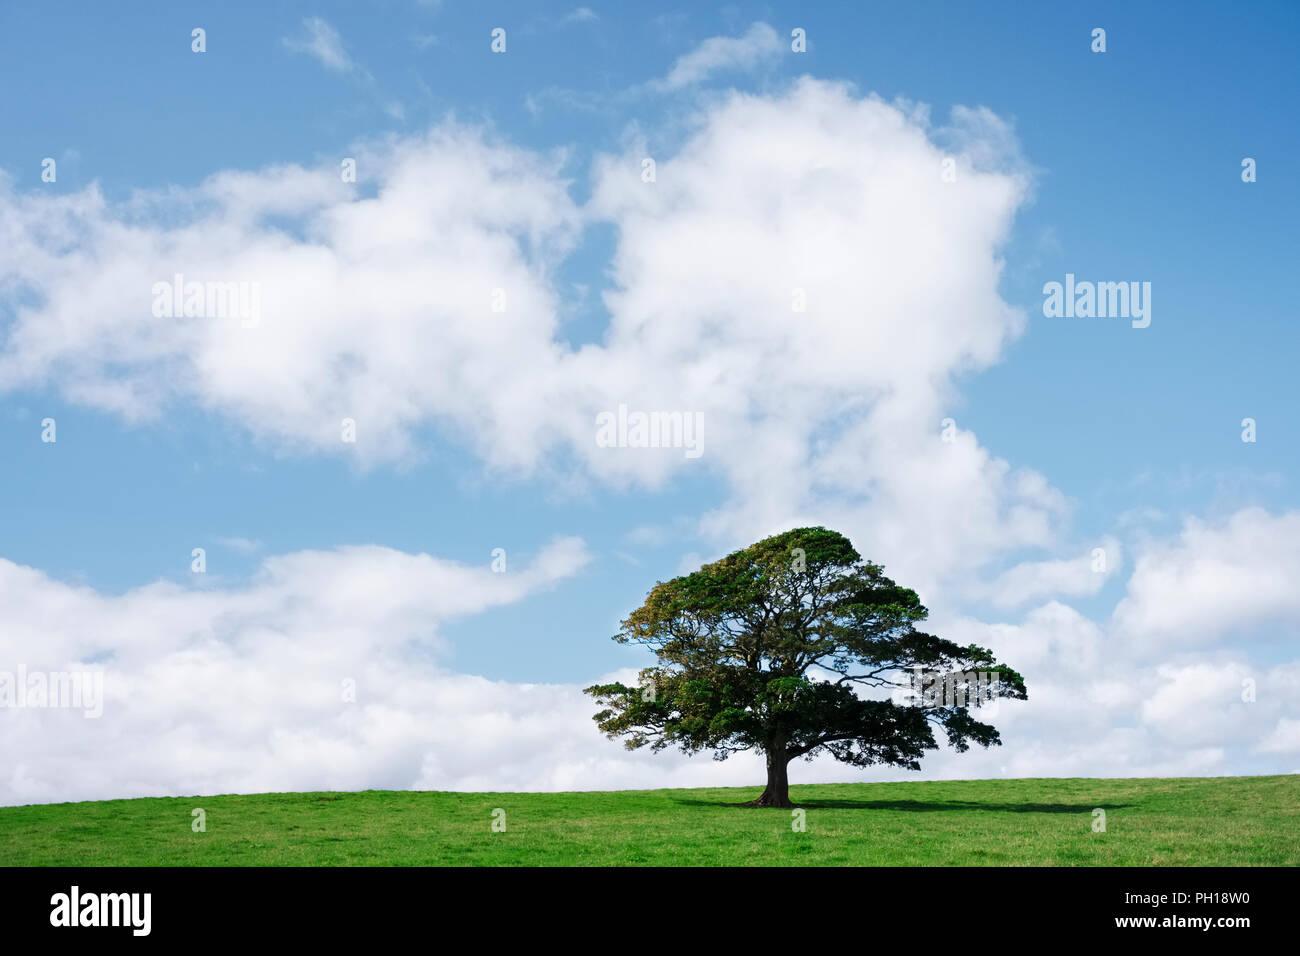 Seul arbre sur l'herbe verte sur fond de ciel bleu et nuages Photo Stock